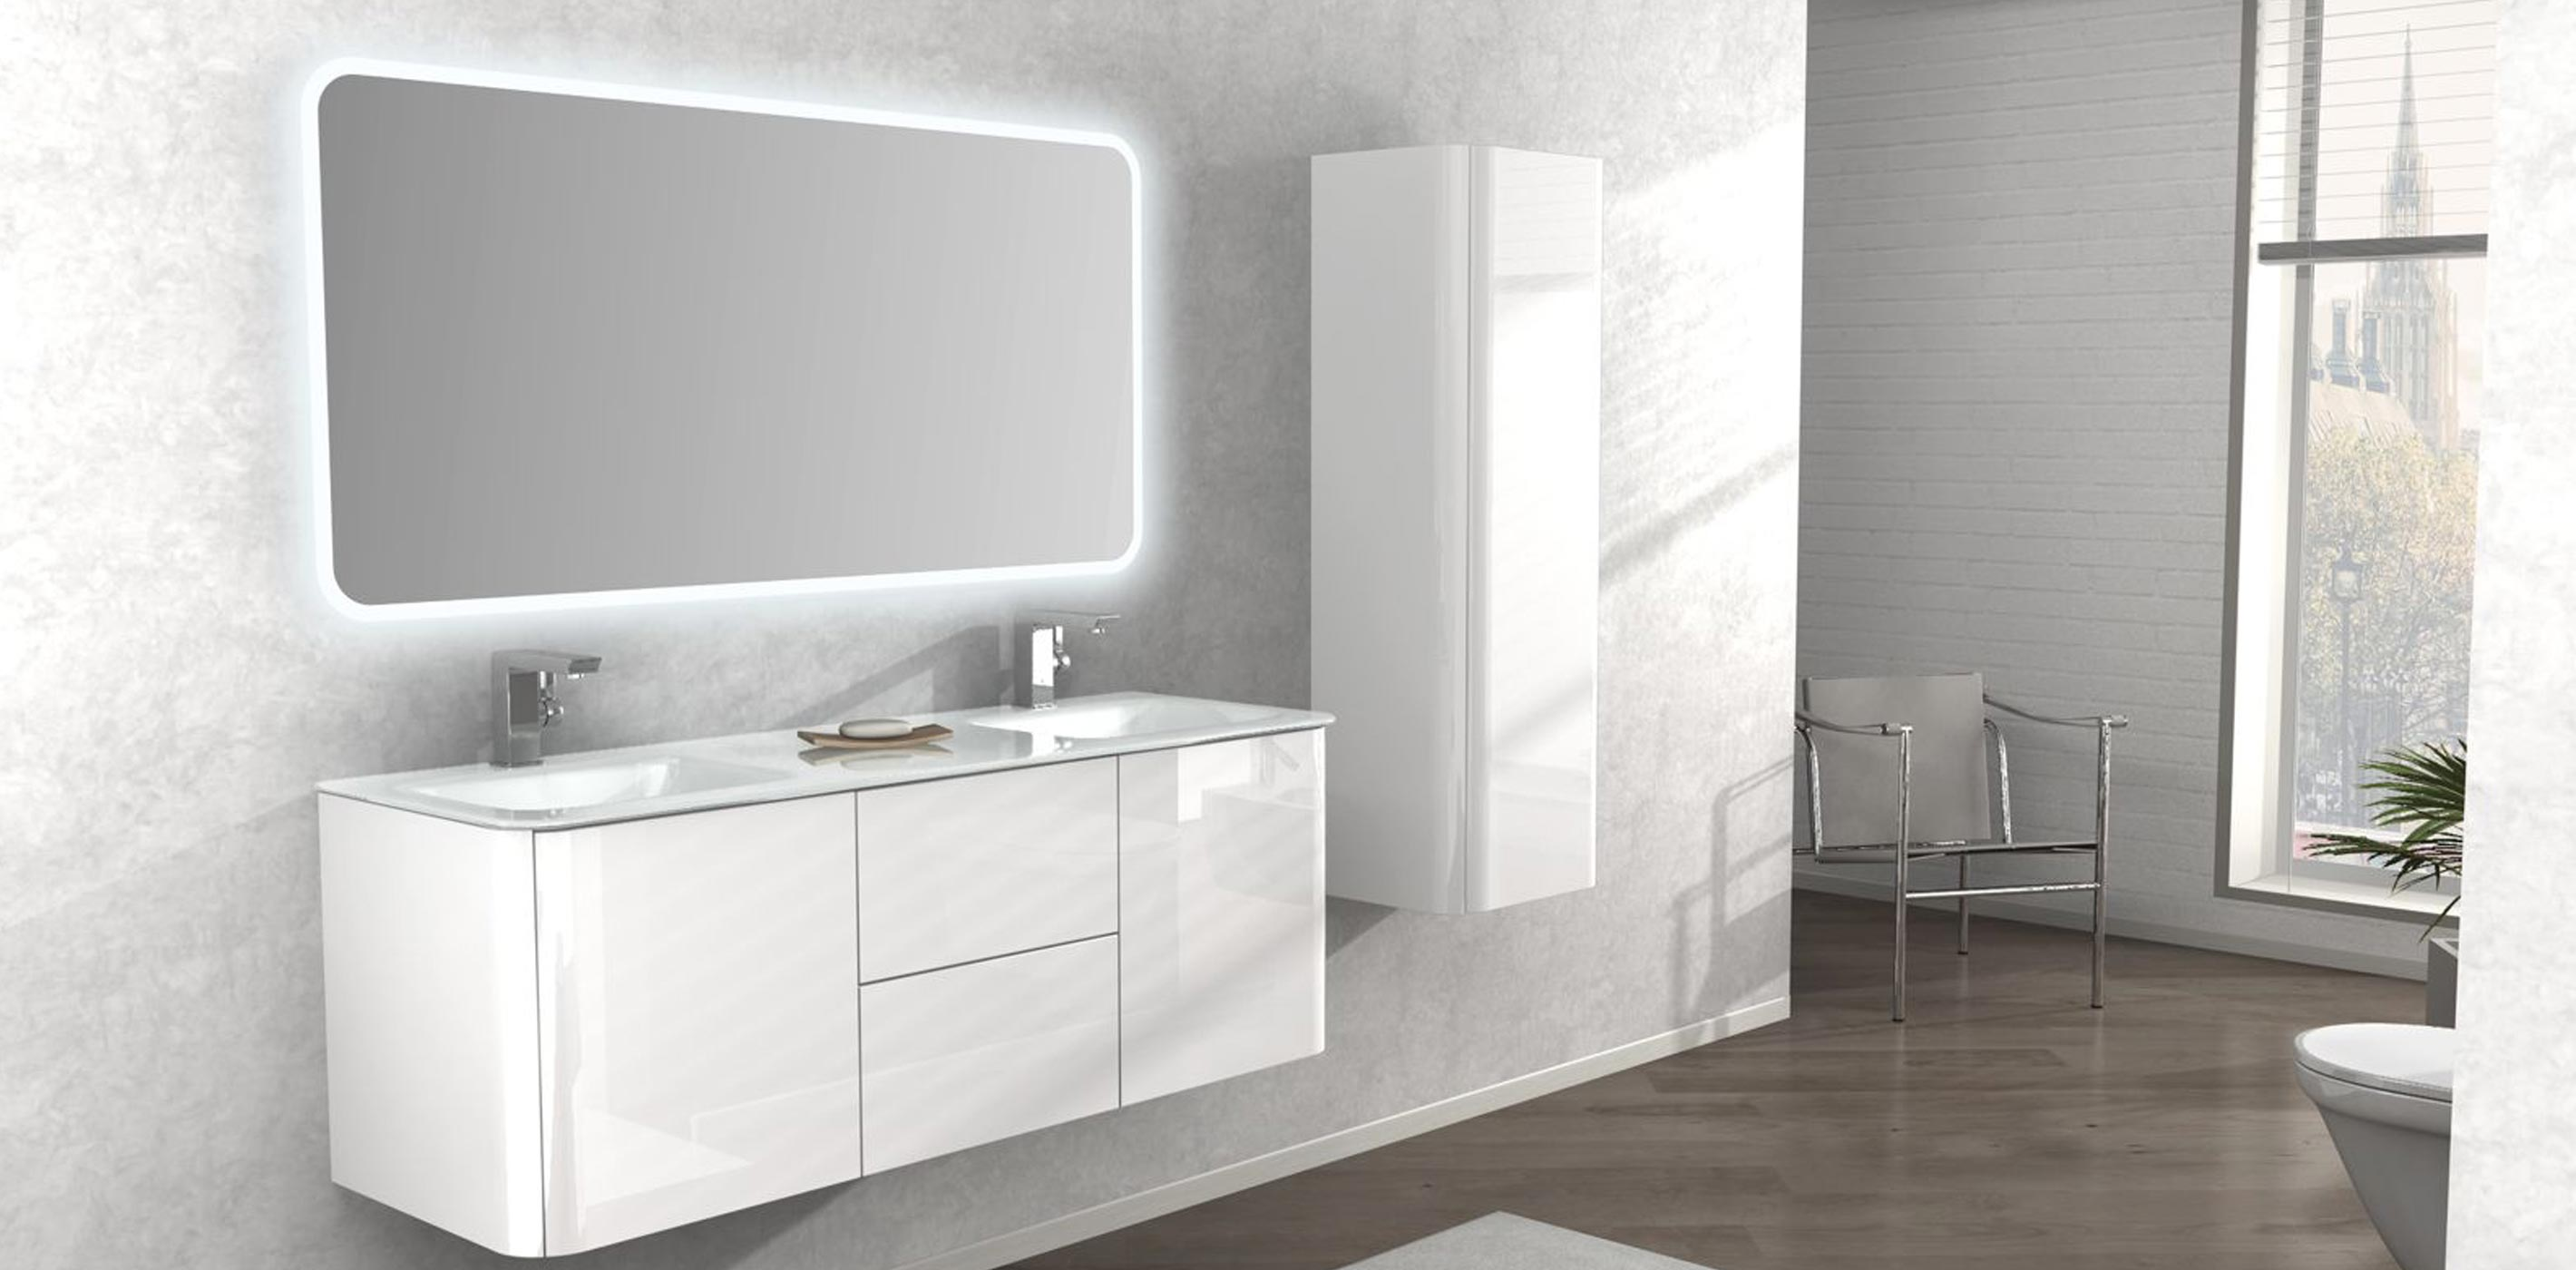 Ristrutturazione completa del bagno in 3 giorni - Bagnitaliani